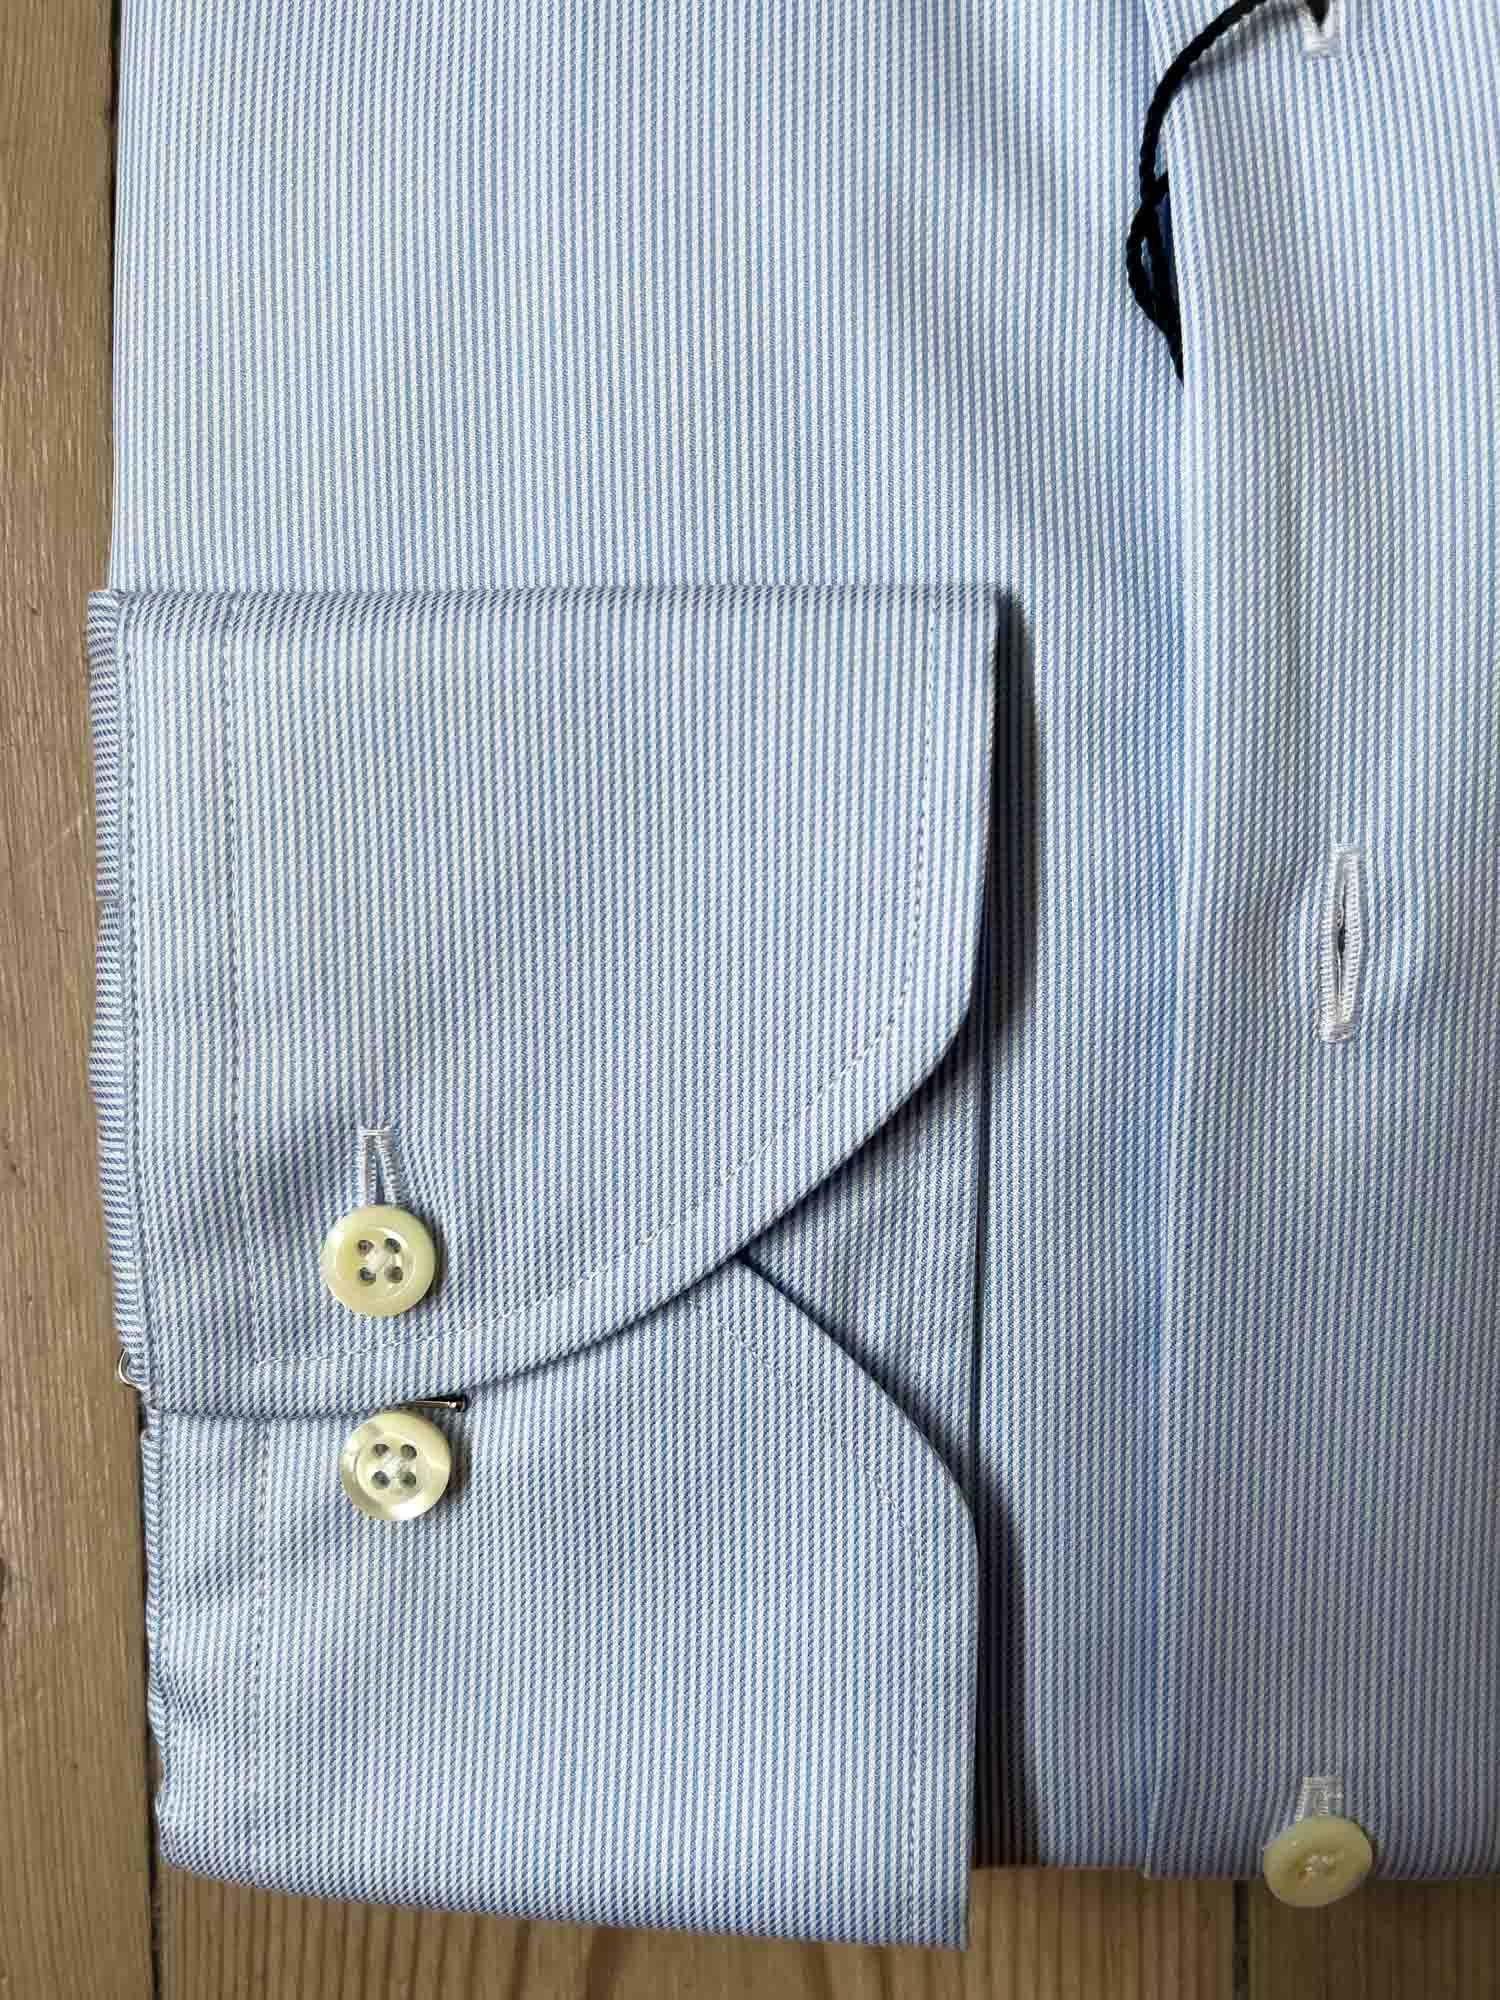 stenströms skjorter knapper